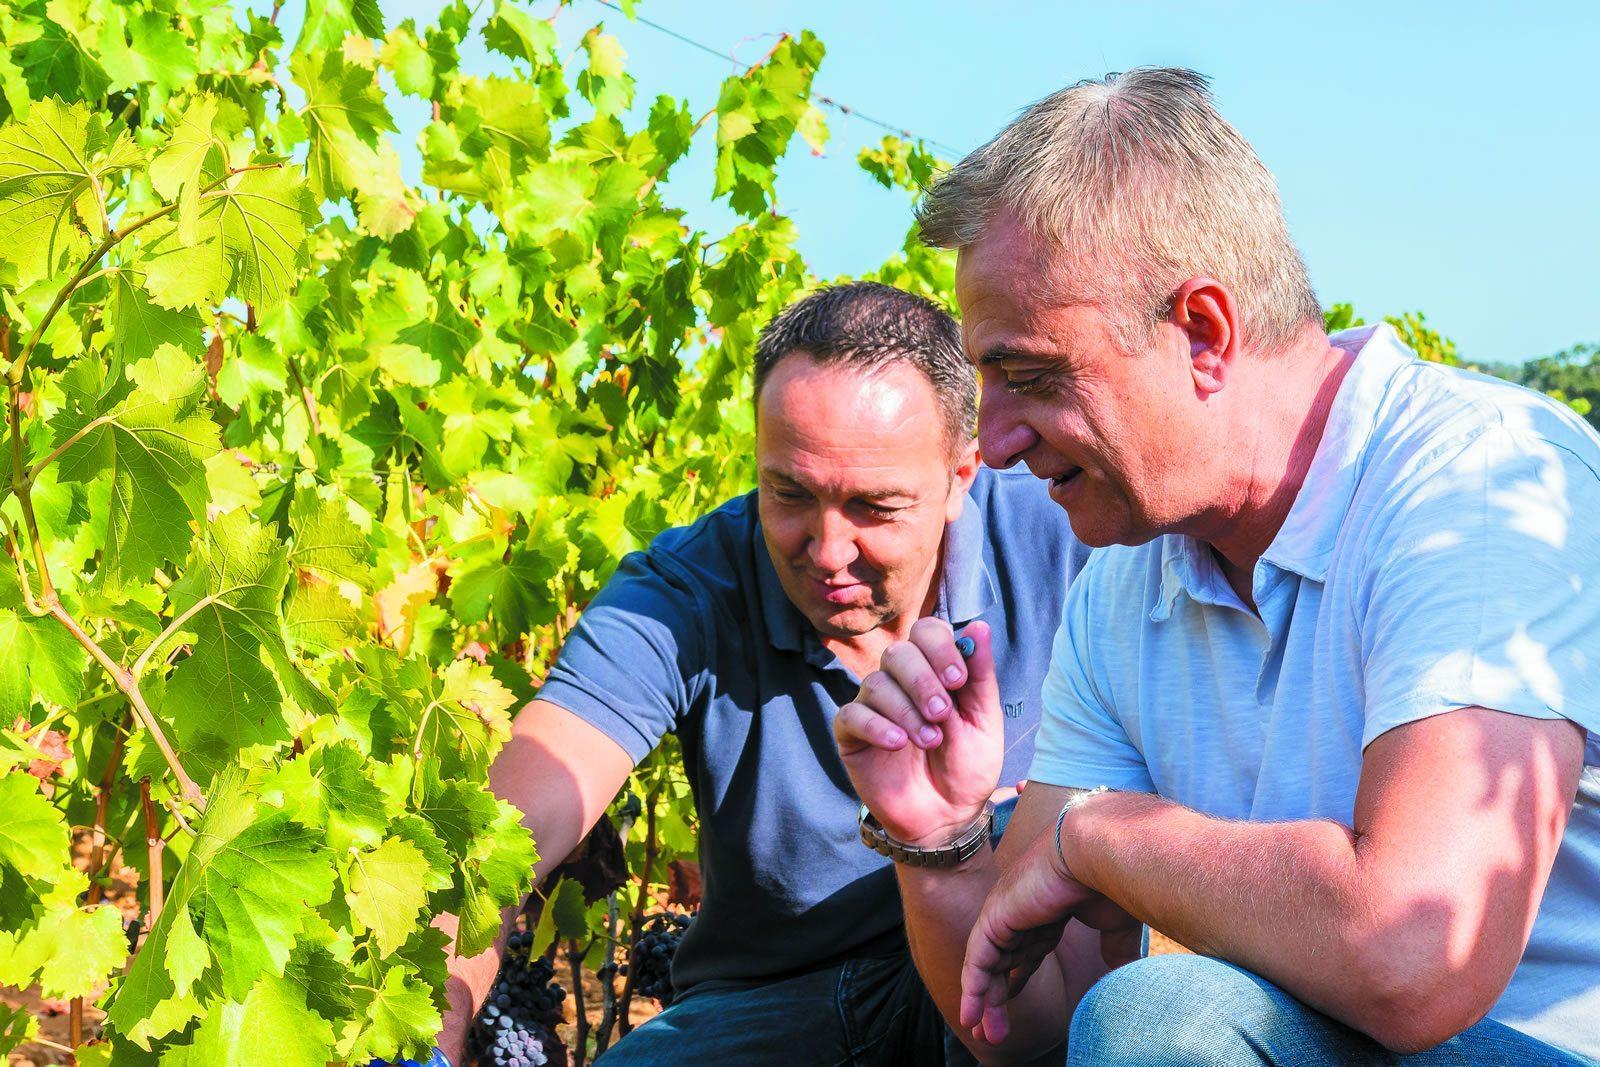 domaines-ott-chai-vinification-production-viticole-outil-moderne-ultraperformant